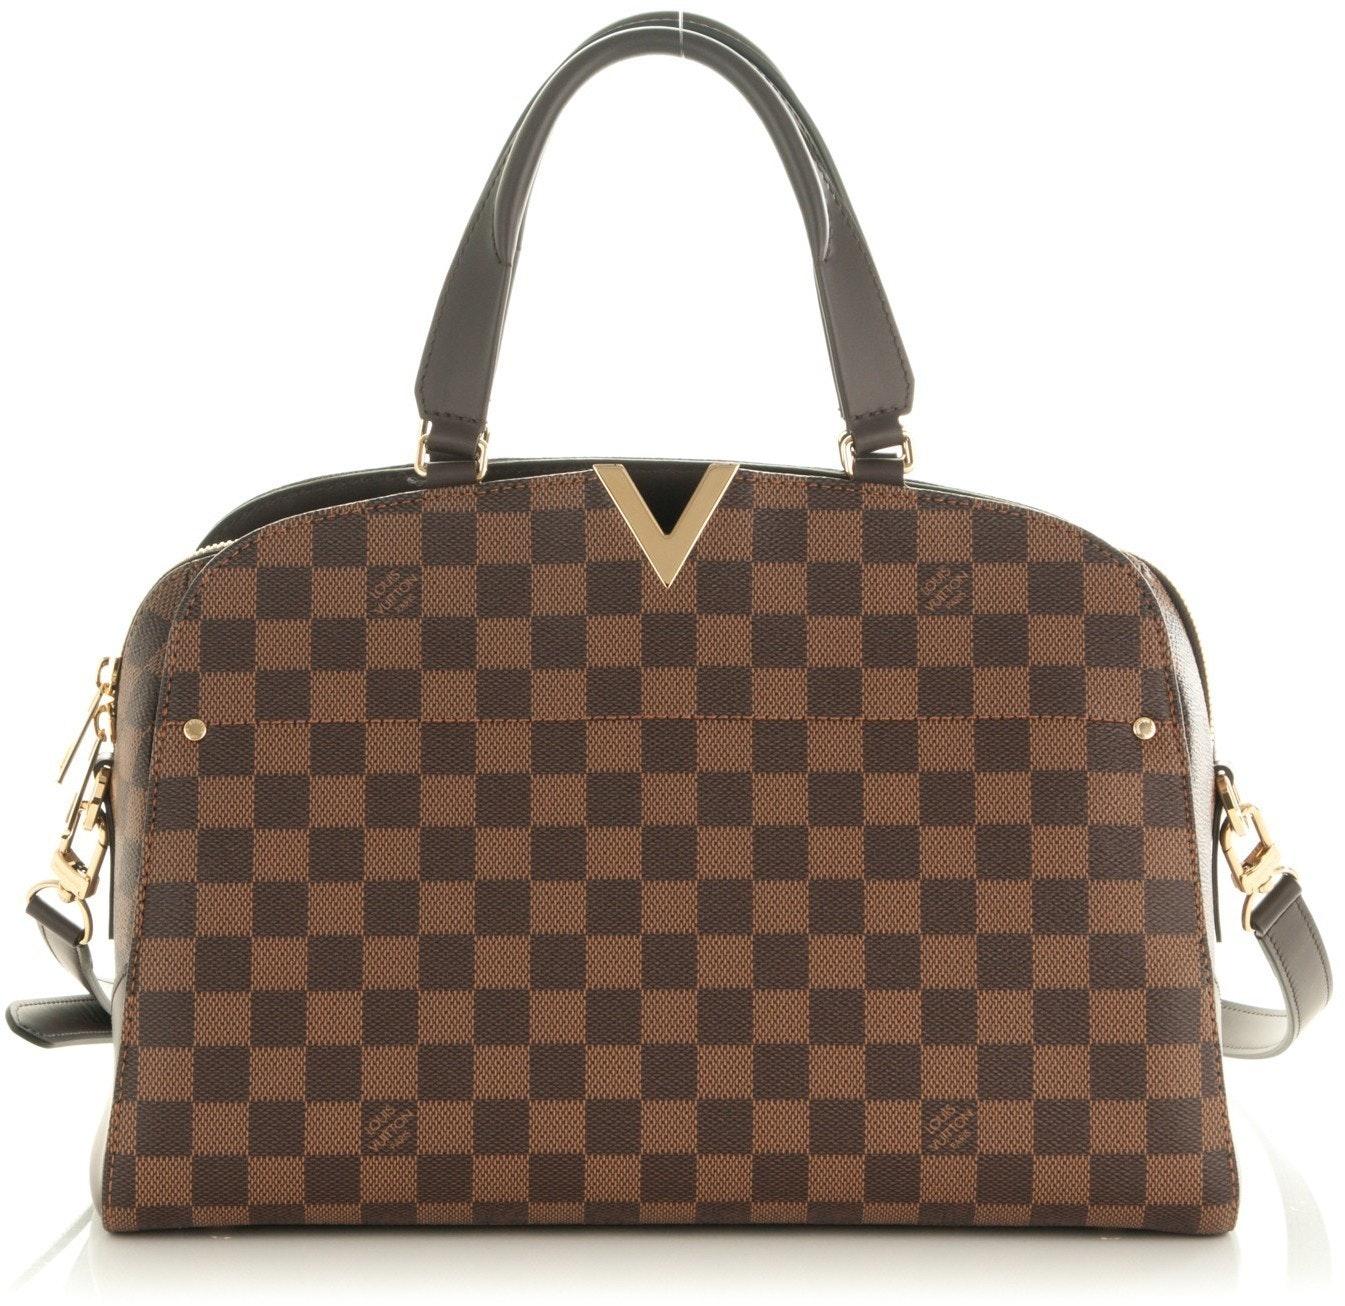 Louis Vuitton Kensington Bowling Bag Damier Ebene PM Brown